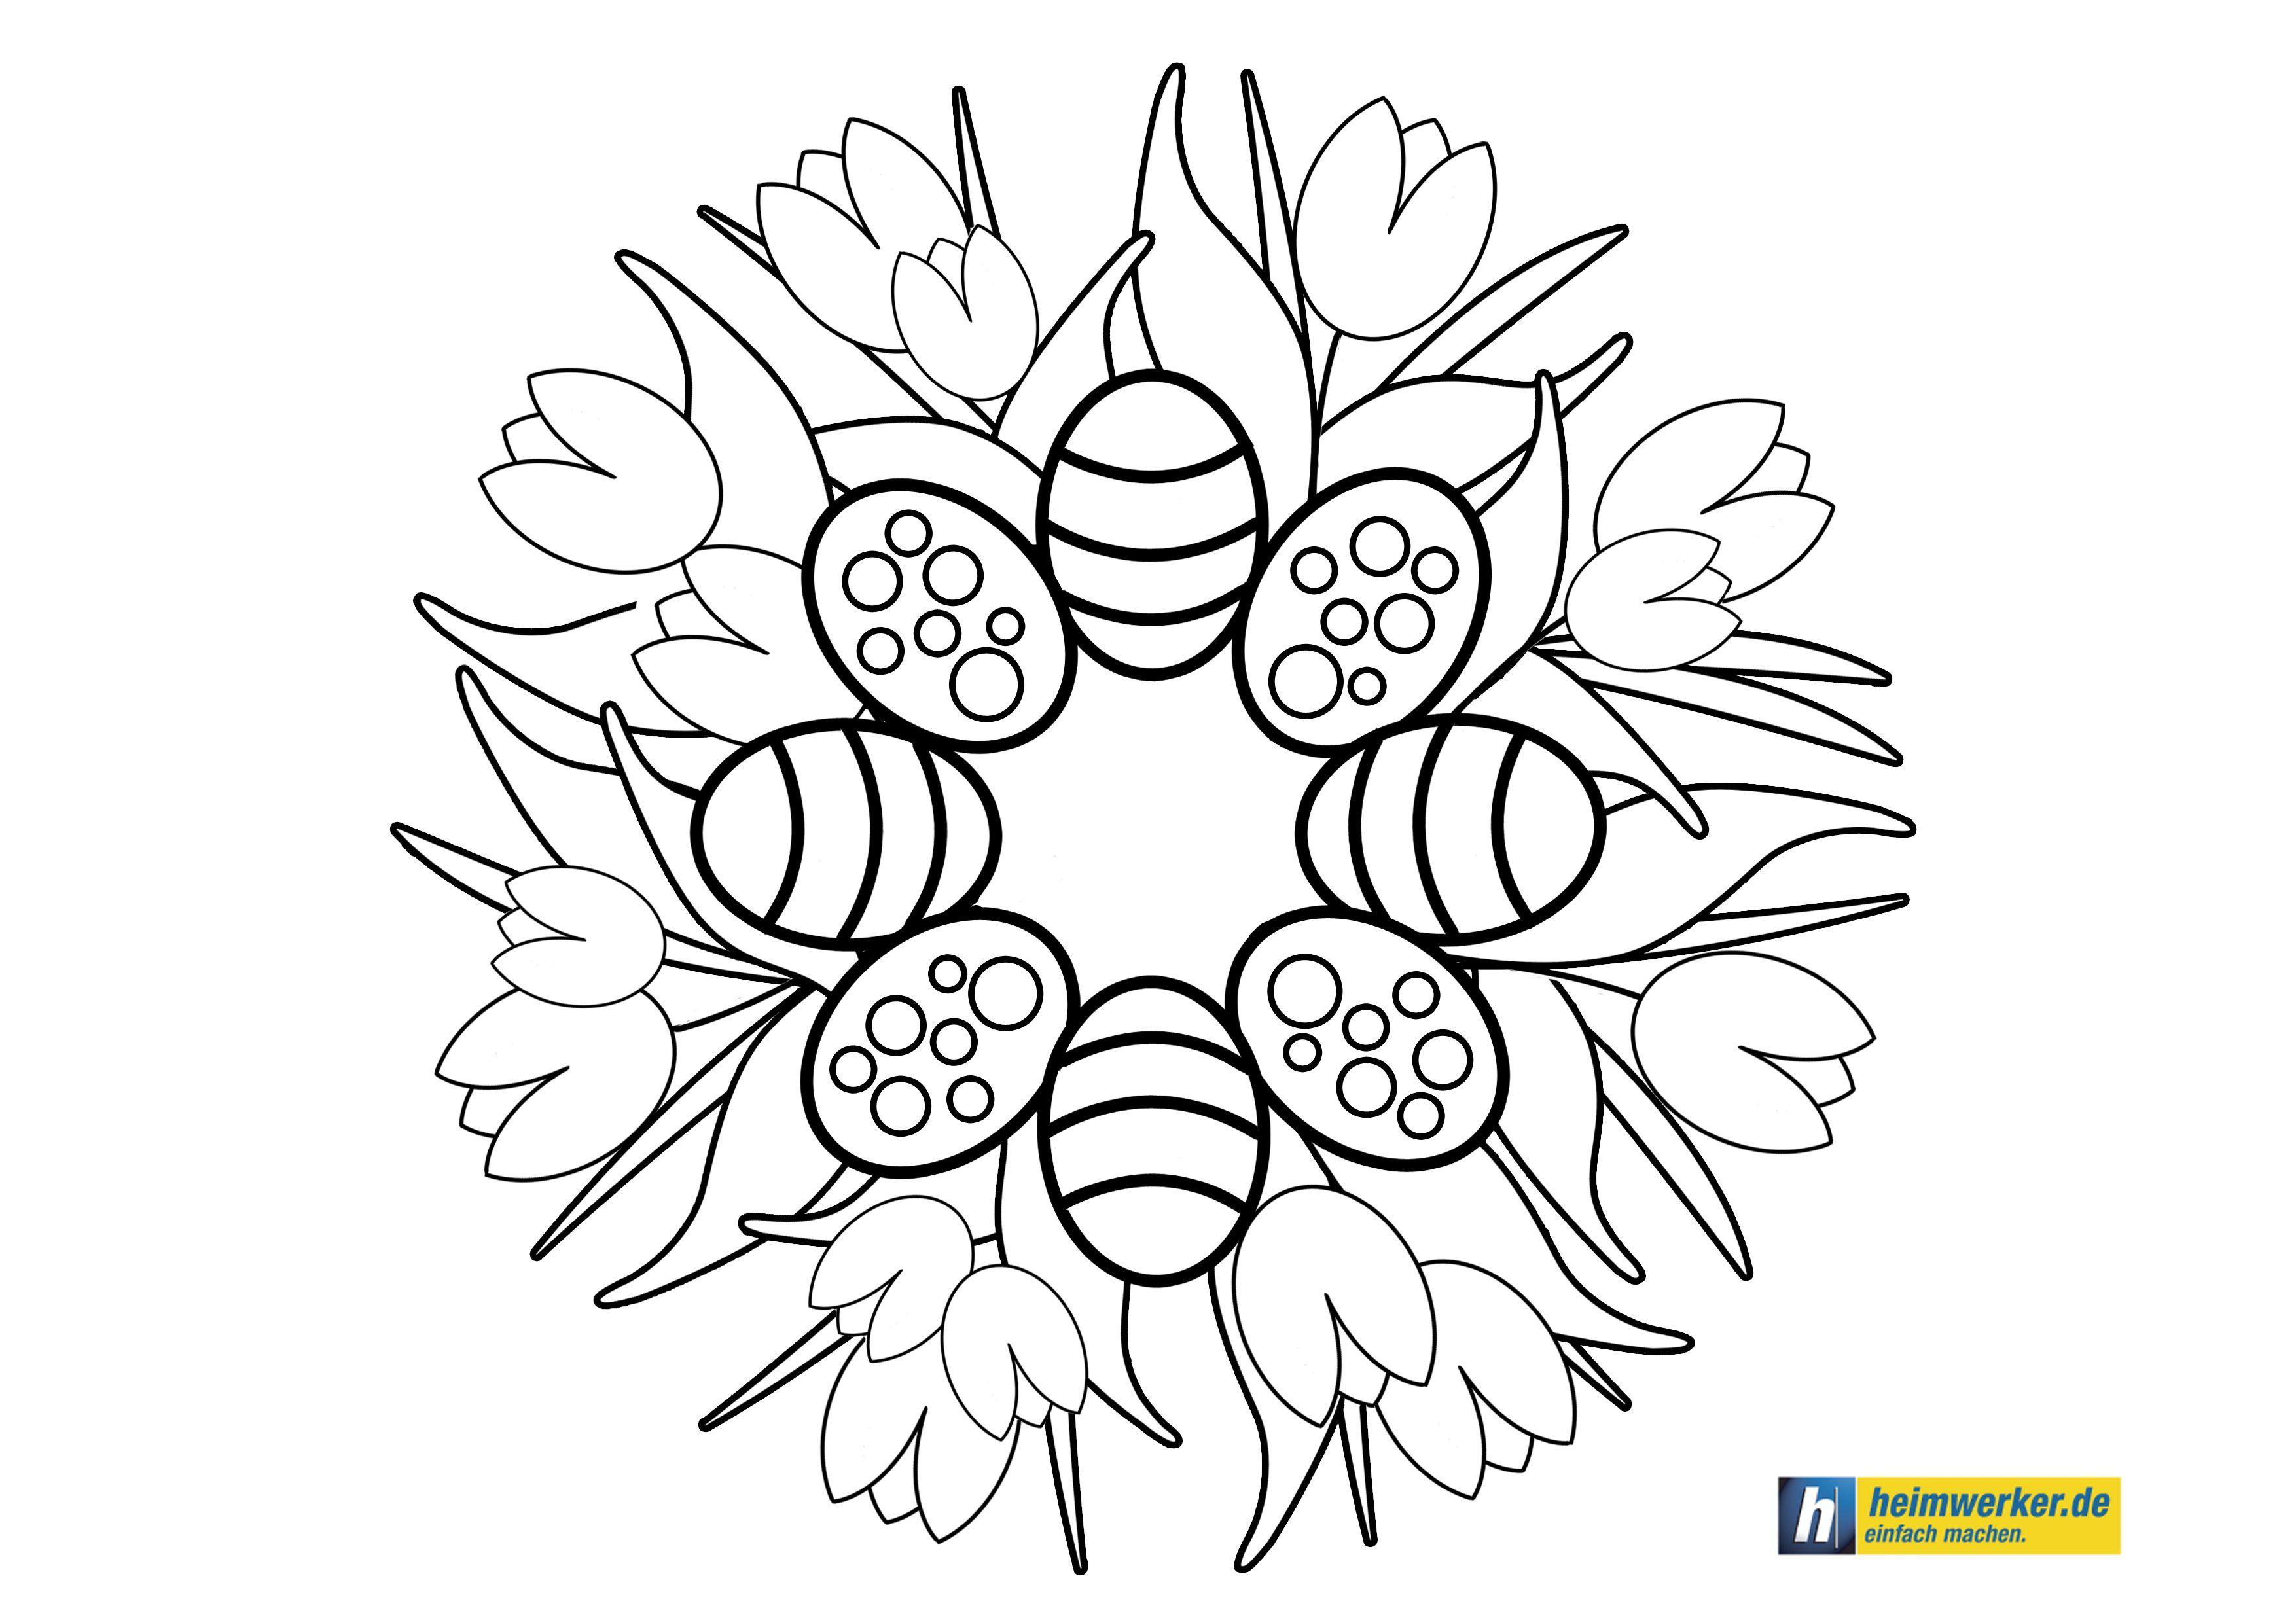 Ausmalbild Osternest Easter nest coloring page | Malvorlagen für ...